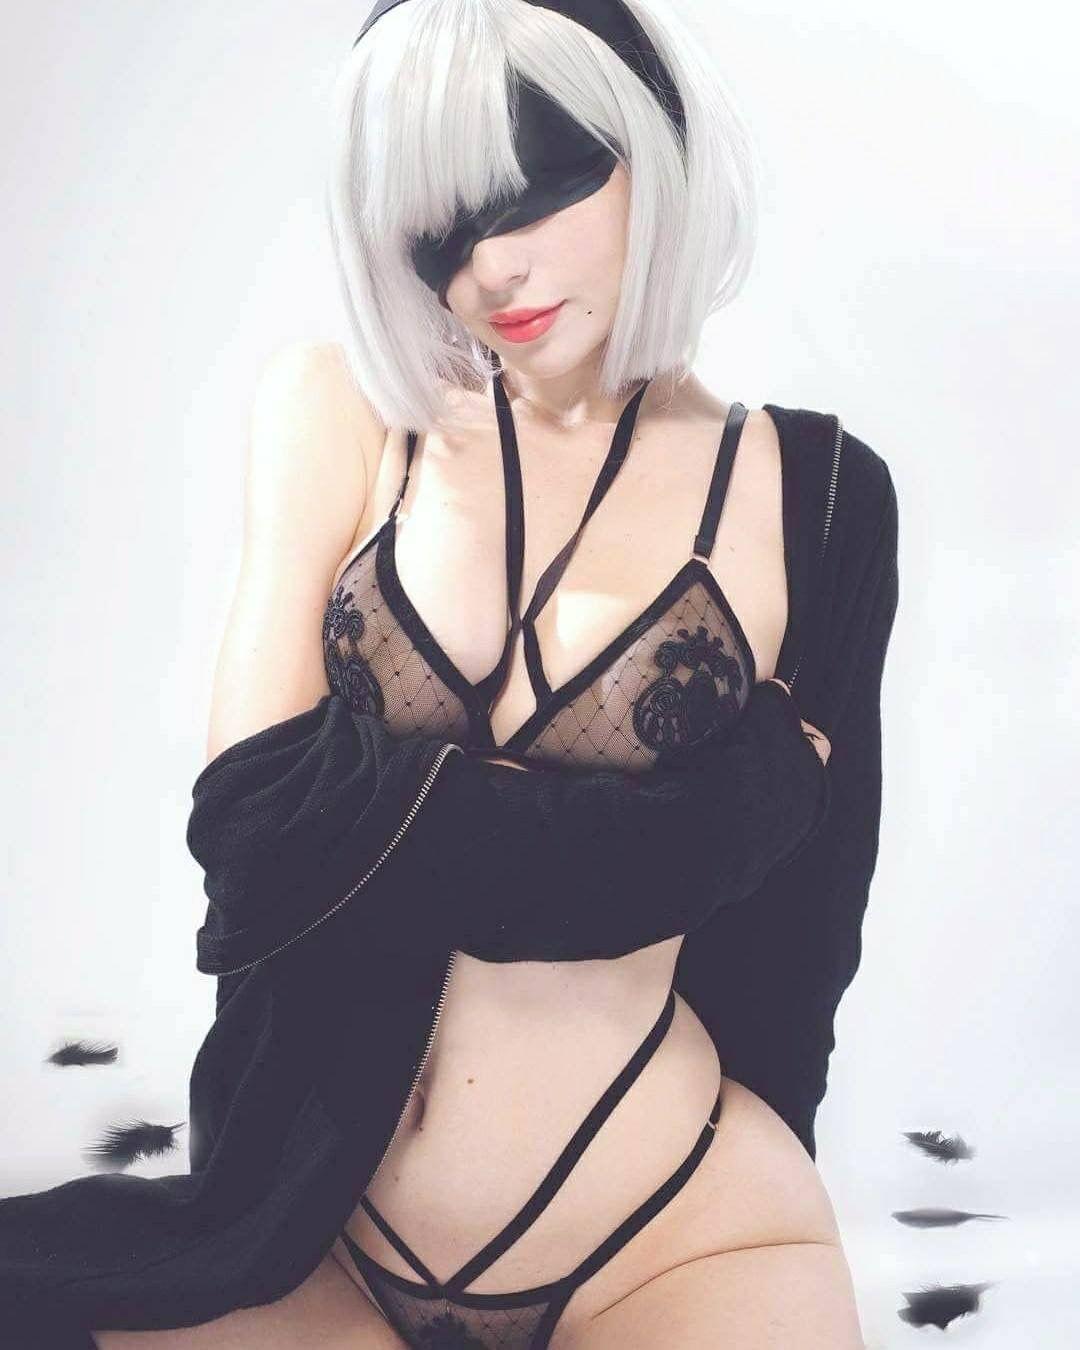 Katyuska Moonfox 2b Cosplay photo 21